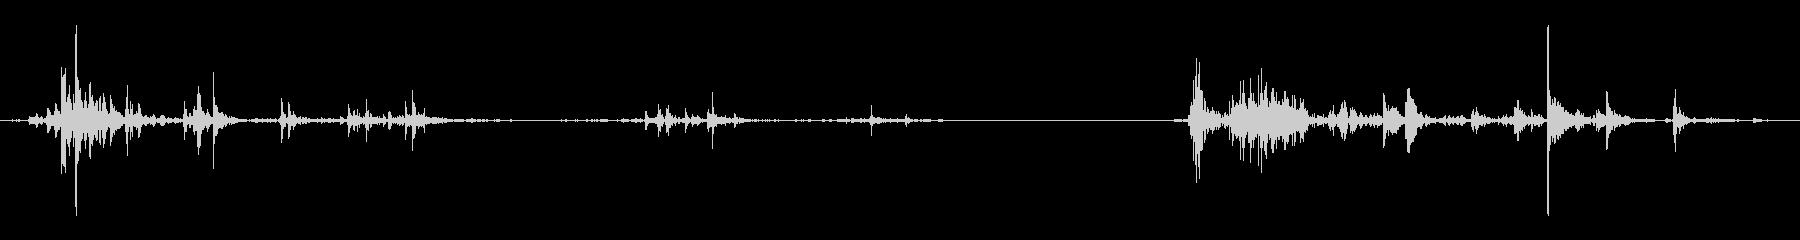 スカル、床で転がる、2バージョン;...の未再生の波形